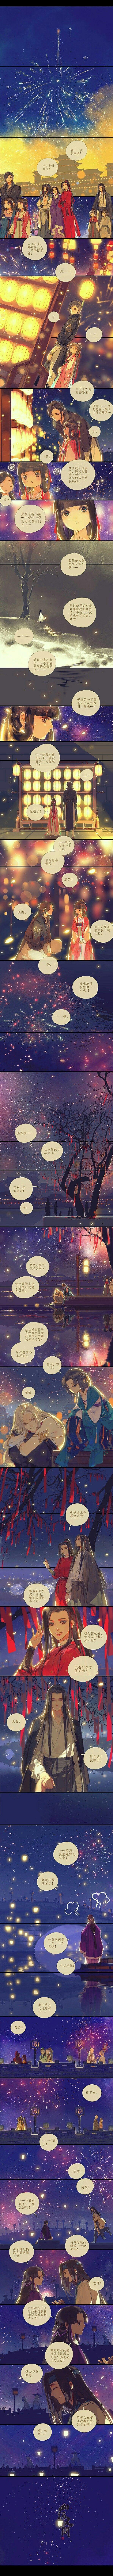 JianXiaQingYuan 3 (JX3)